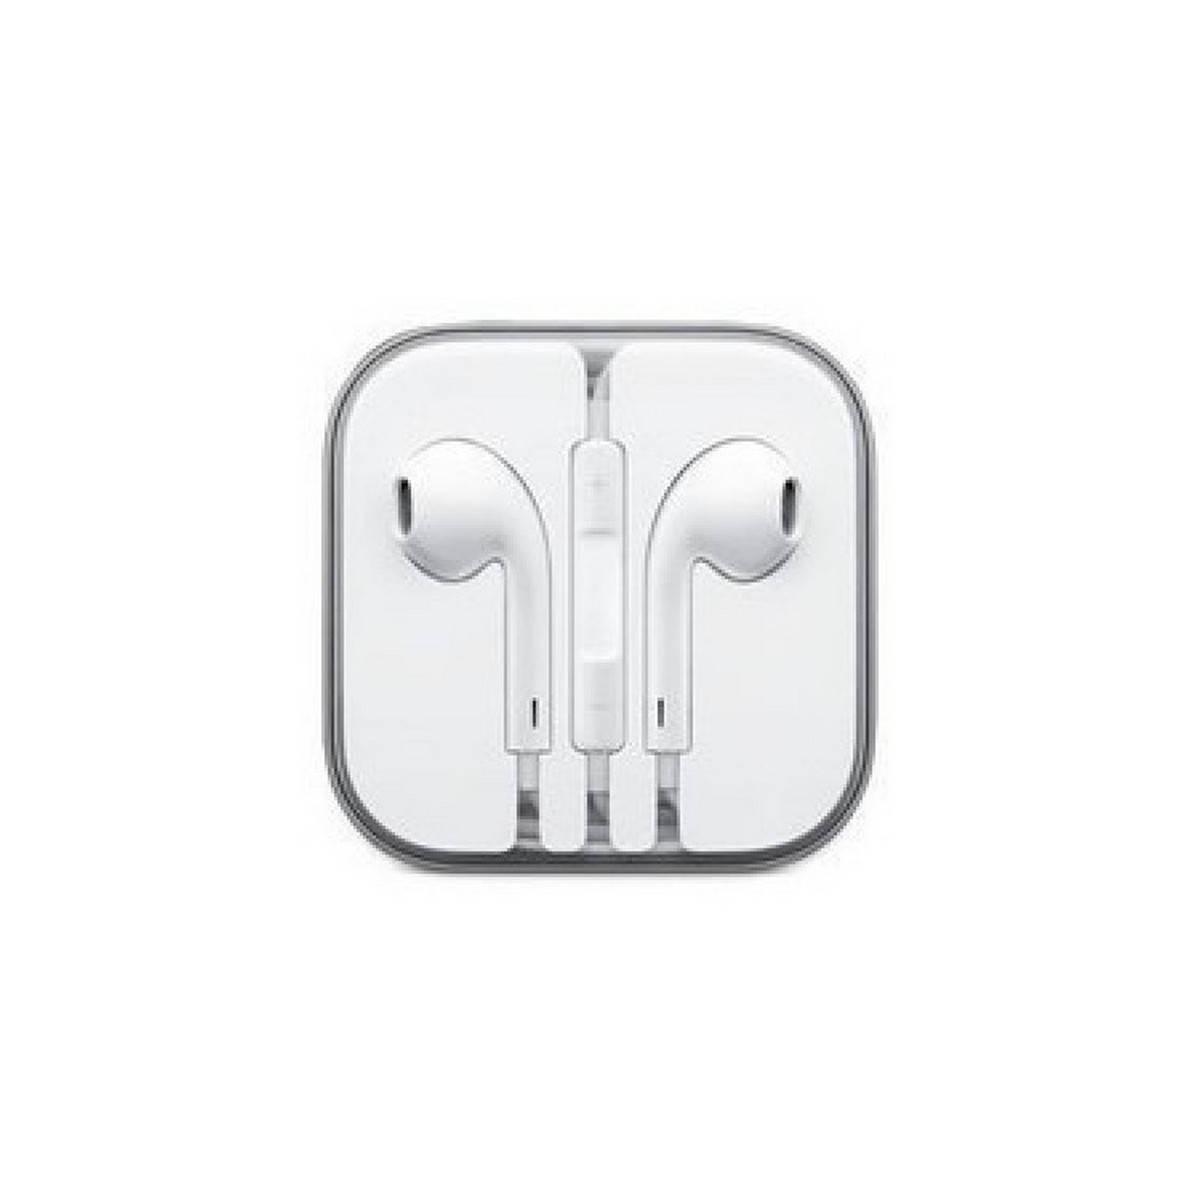 Manos libres com fone de ouvidoes estreo, micrófono e controleeeeeeeeeeeeeeeeeeeeeeeeeeeeeeeeeeeeeeeeeeeeeeeeeeee de volume para